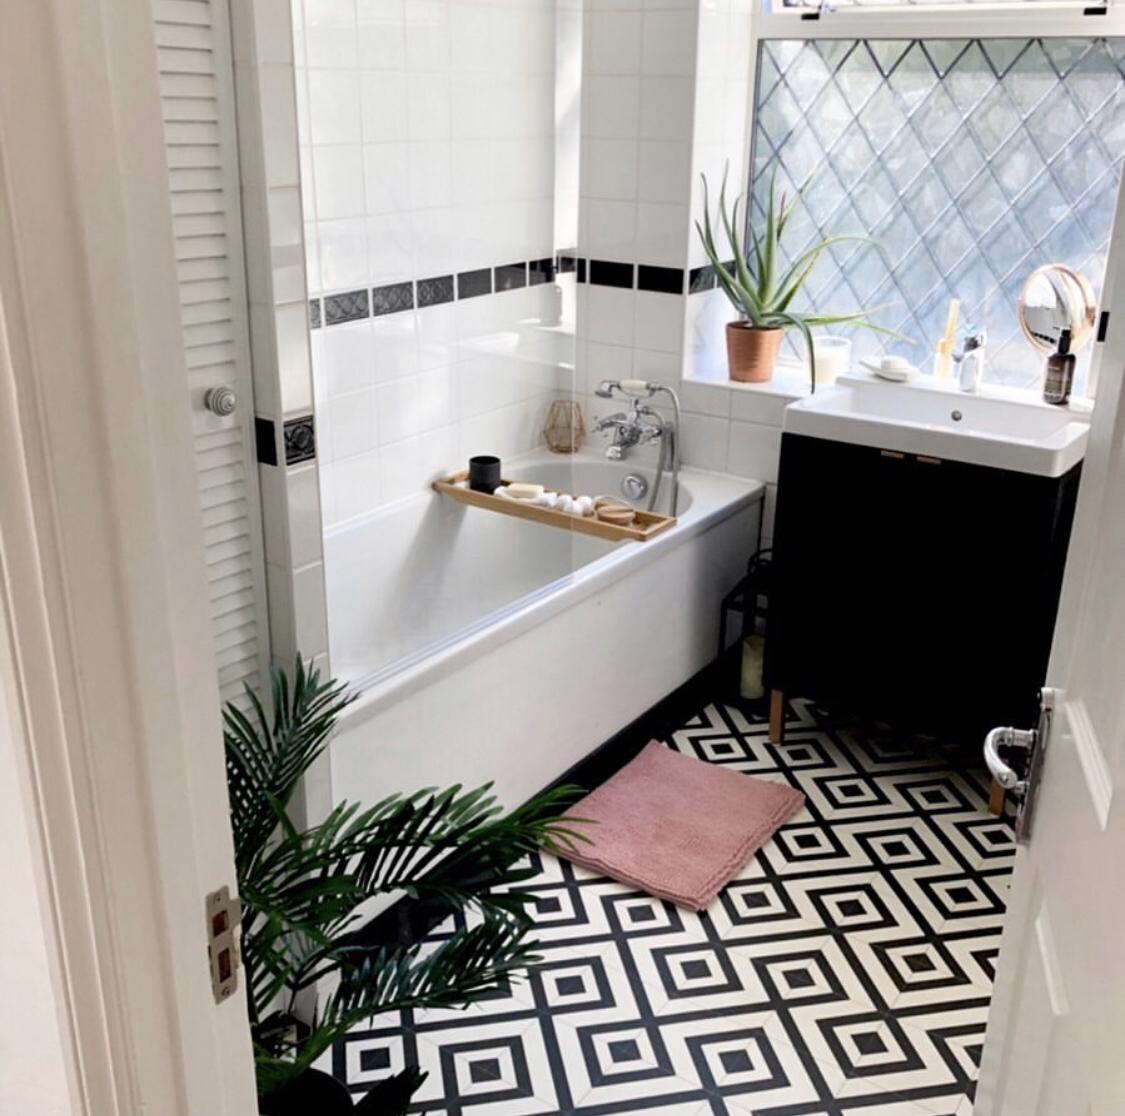 Painted Bathroom Tiles